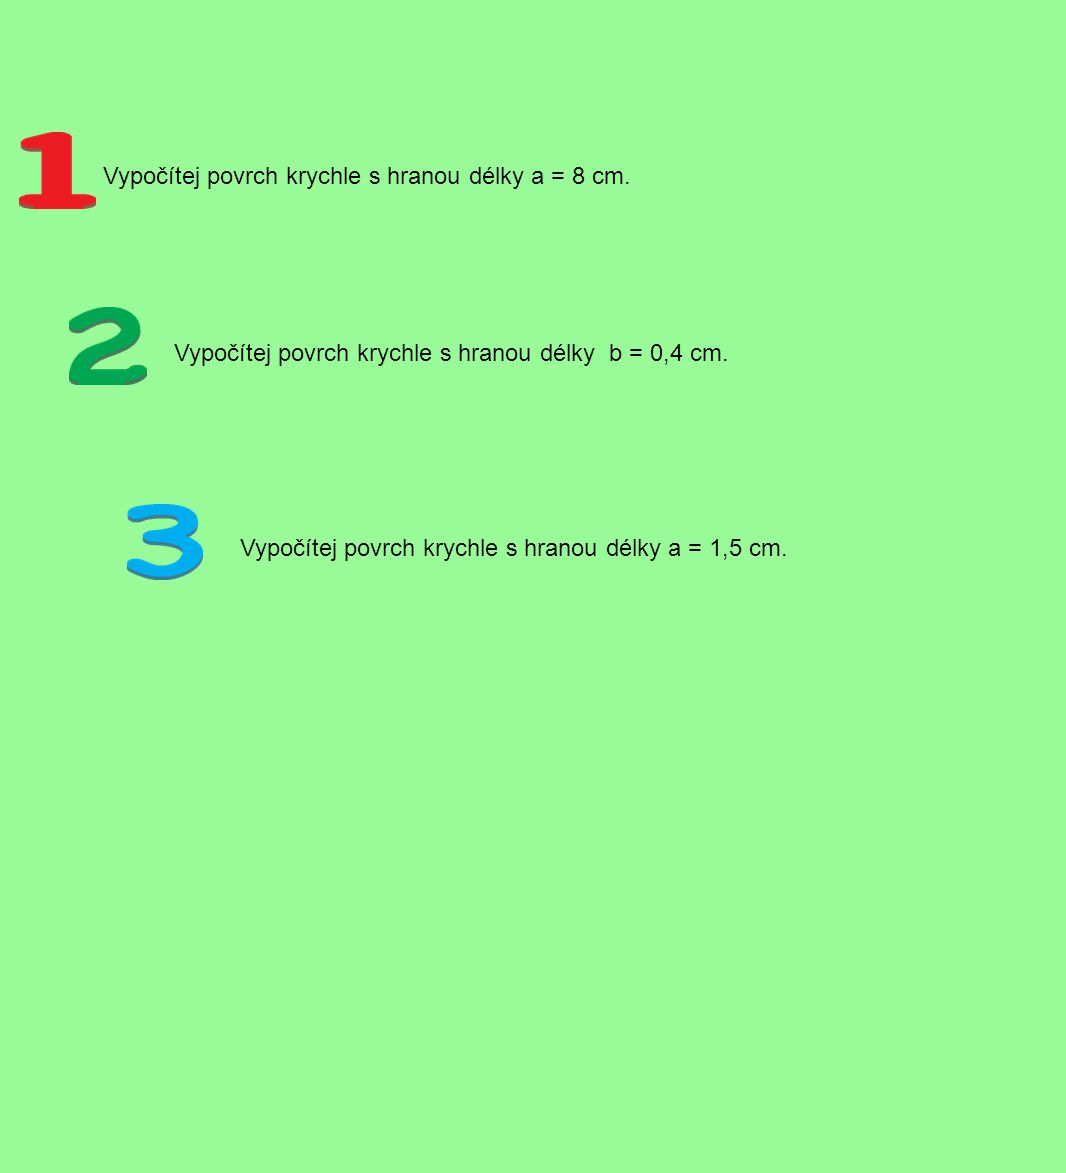 Vypočítej povrch krychle s hranou délky a = 8 cm.